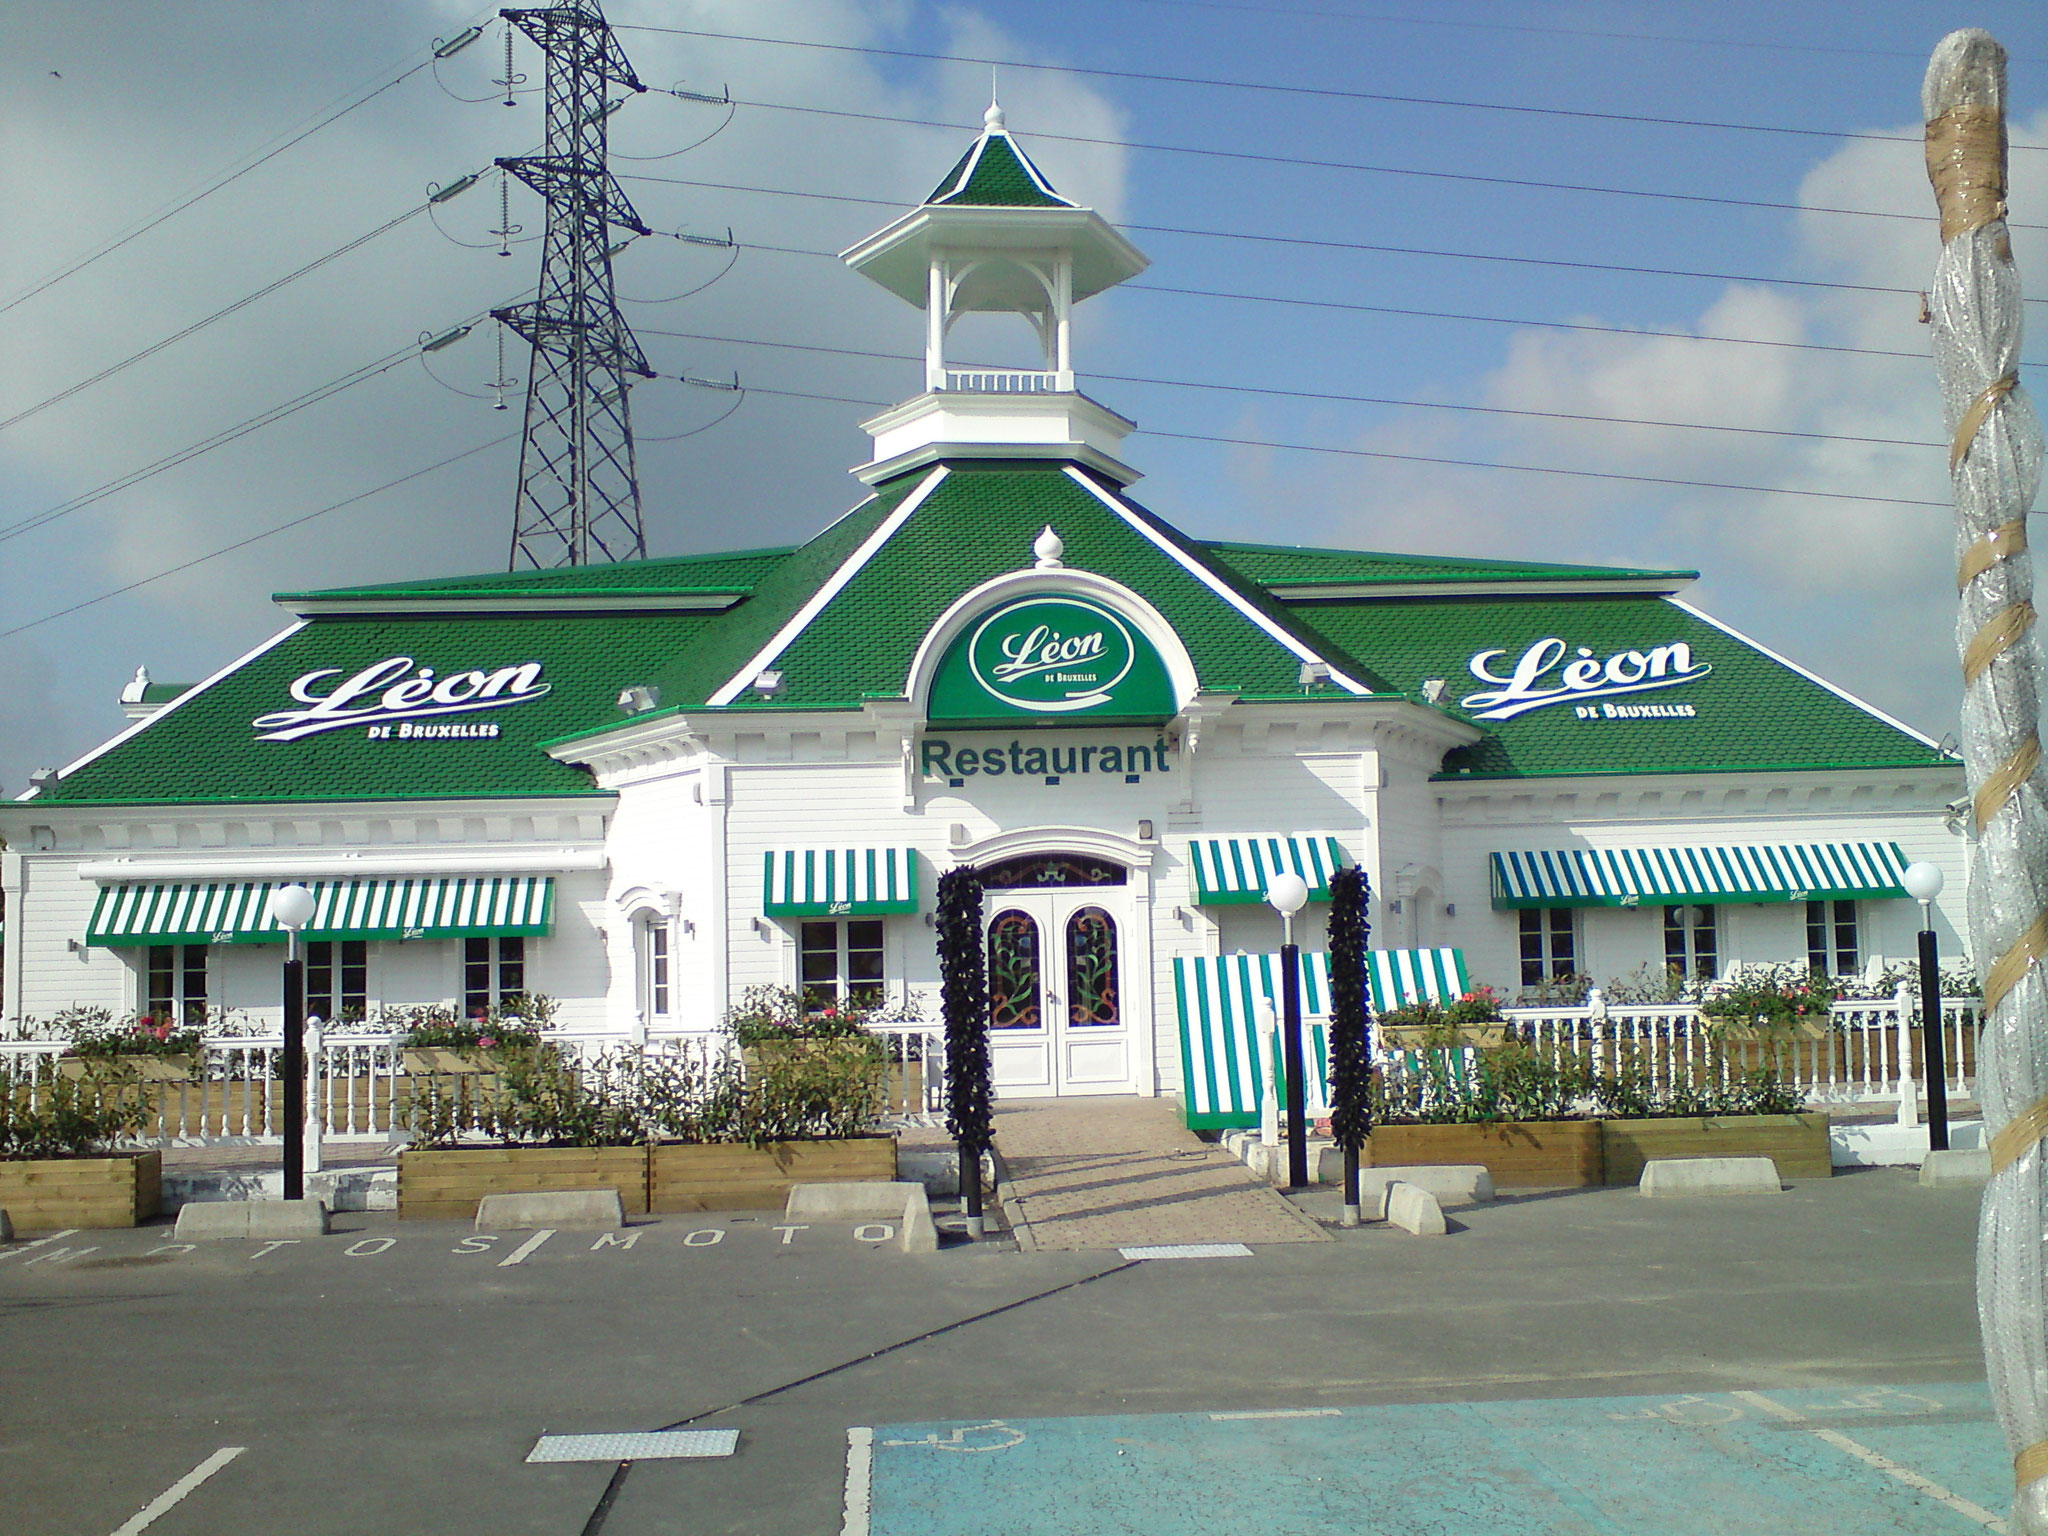 Restaurants à LEZENNES - LONGUEAU - ARRAS - COMPIEGNE. Mission de Niveau 2.